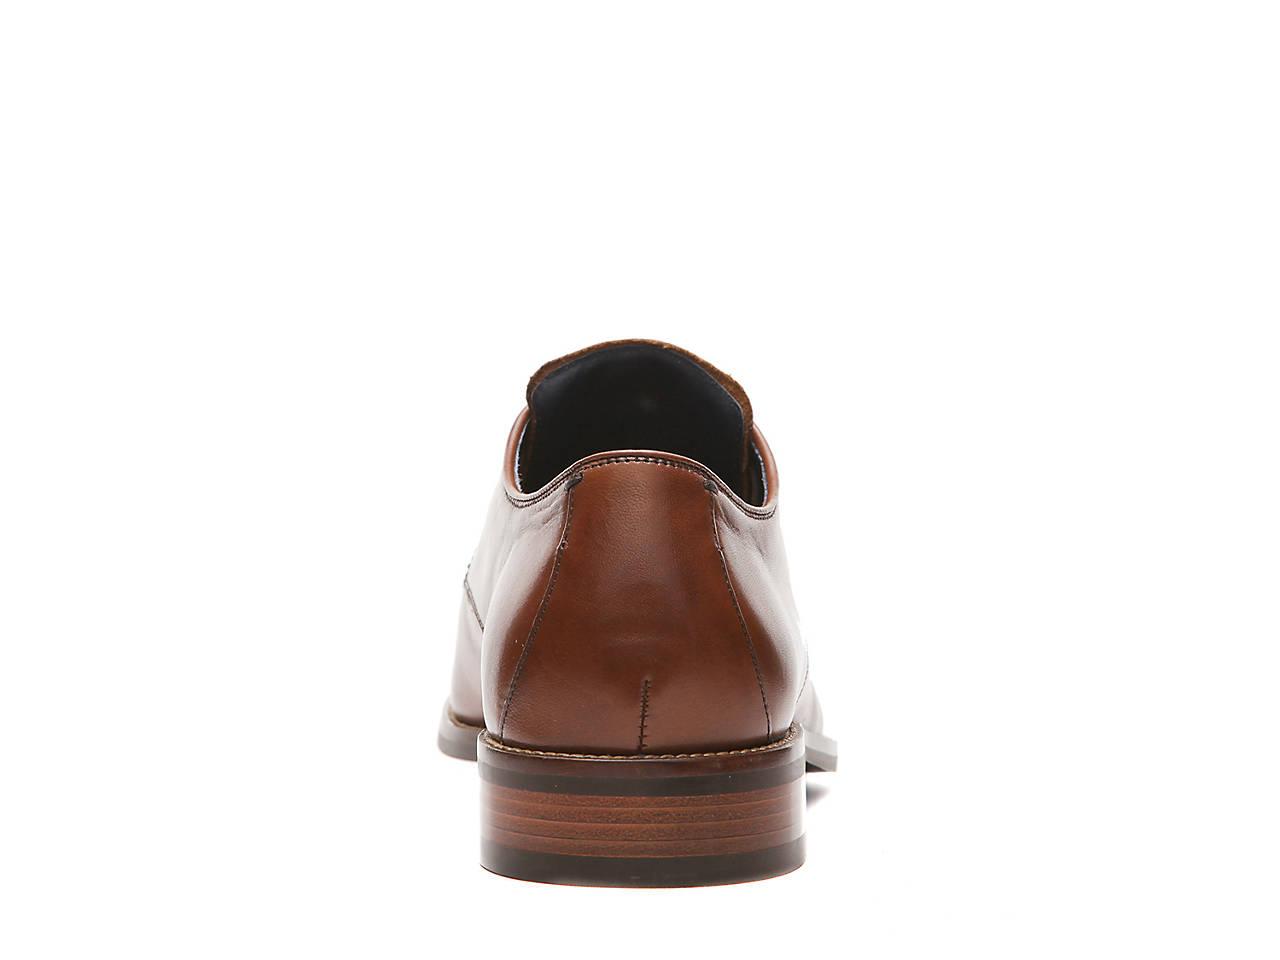 667d0722cb40 Cole Haan Lenox Hill Cap Toe Oxford Men s Shoes